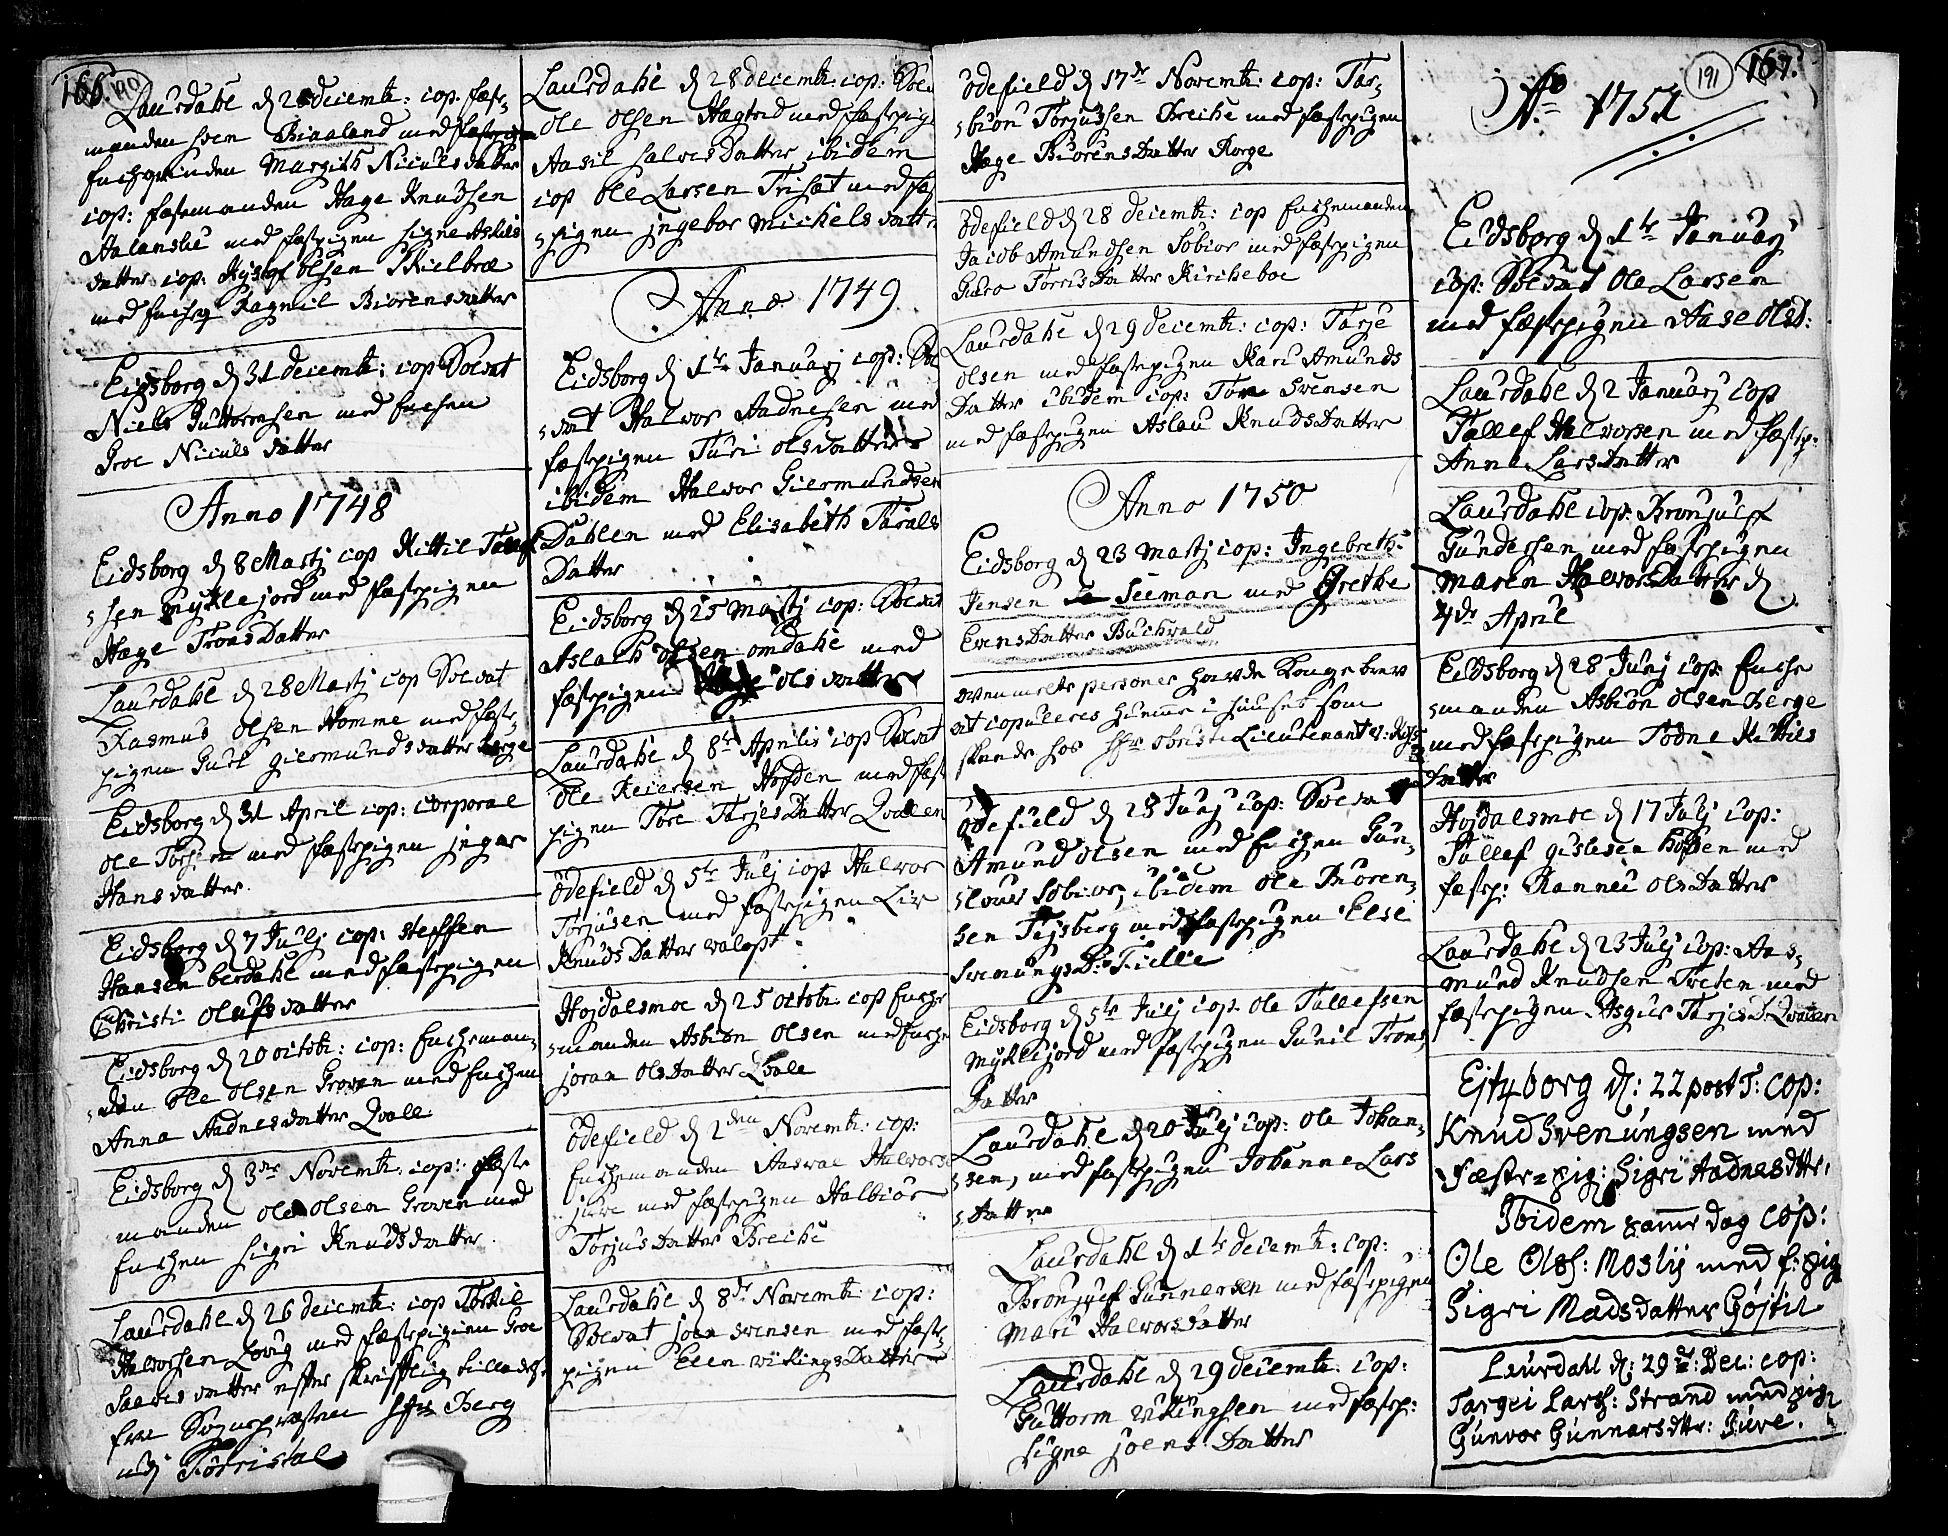 SAKO, Lårdal kirkebøker, F/Fa/L0002: Ministerialbok nr. I 2, 1734-1754, s. 190-191